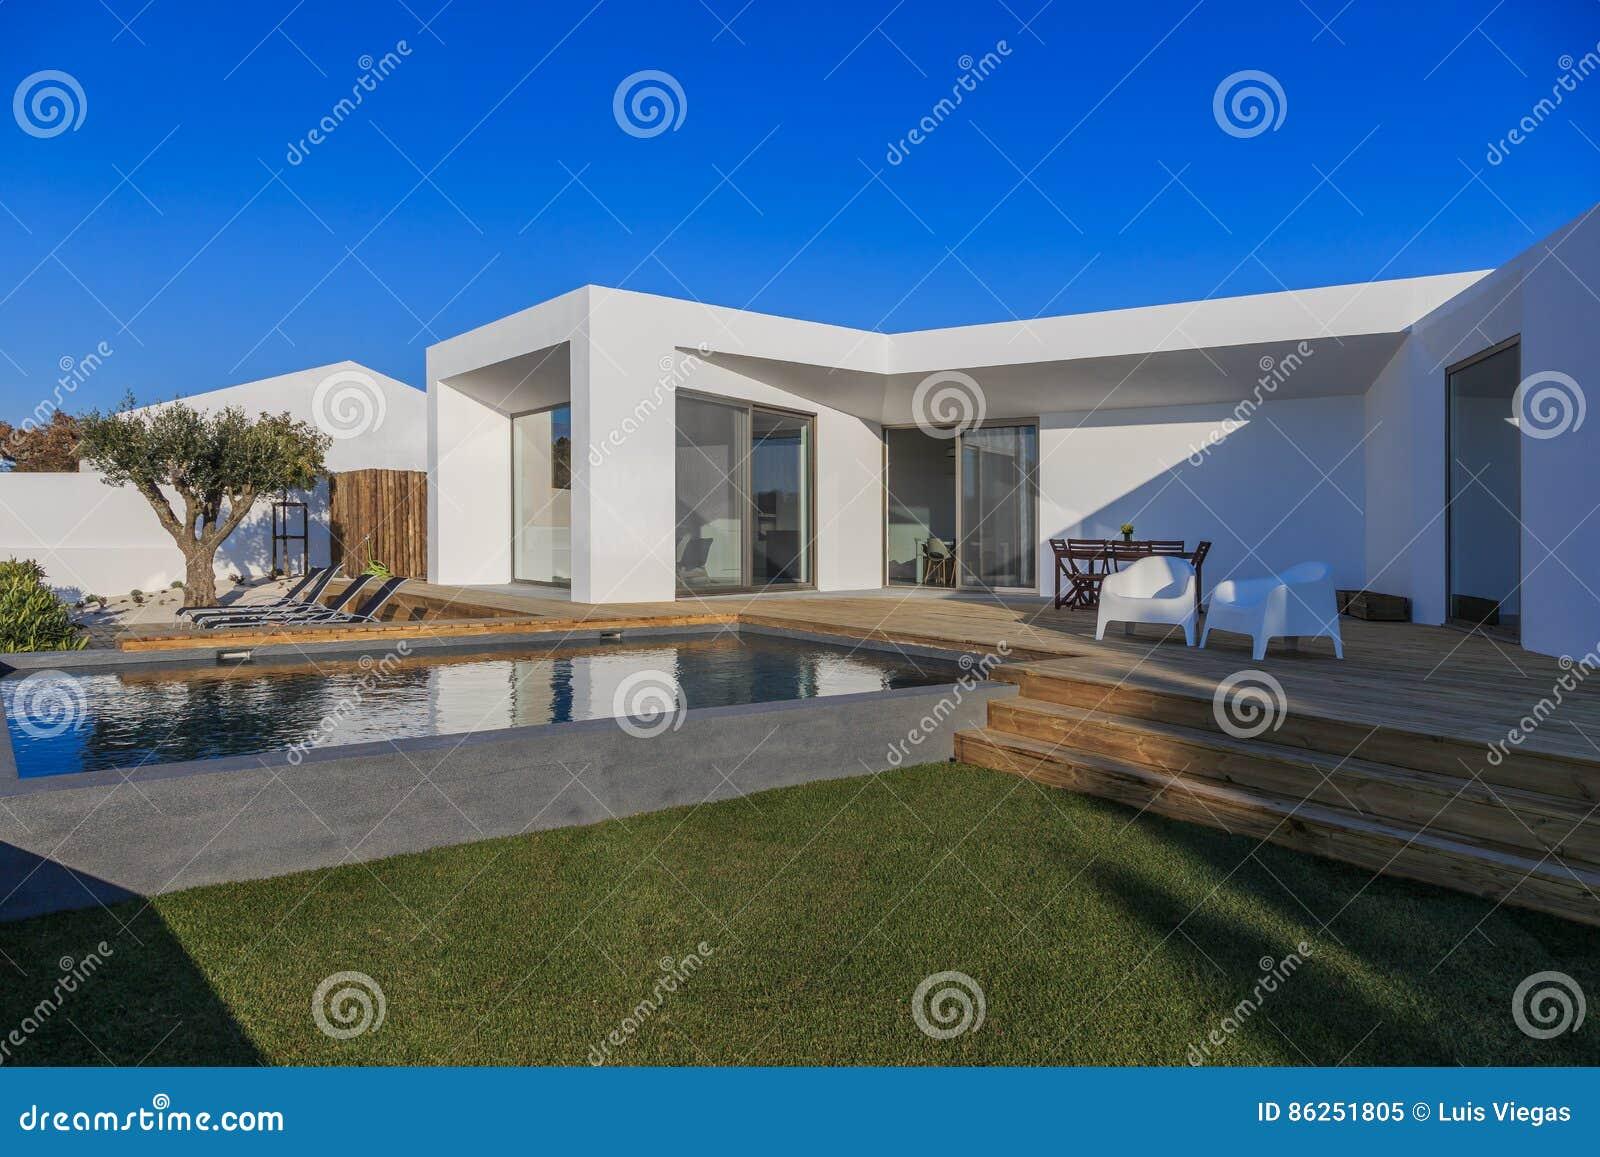 Maison Moderne Avec La Piscine De Jardin Et La Plate Forme En Bois